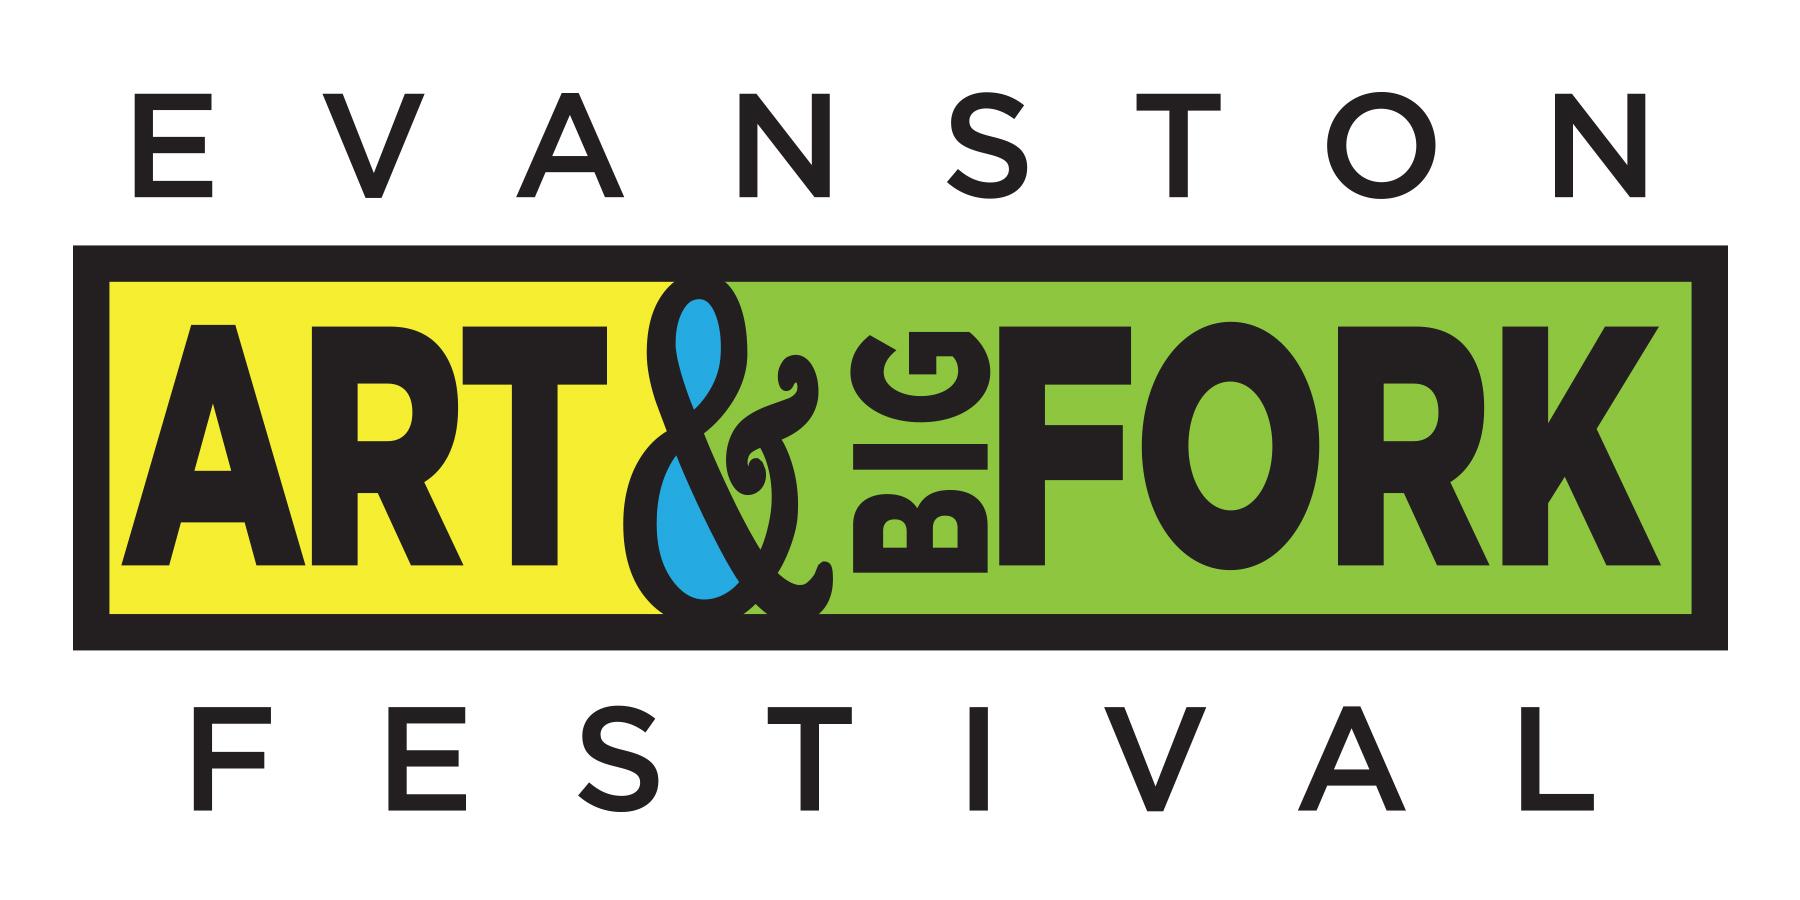 Evanston Art and big fork